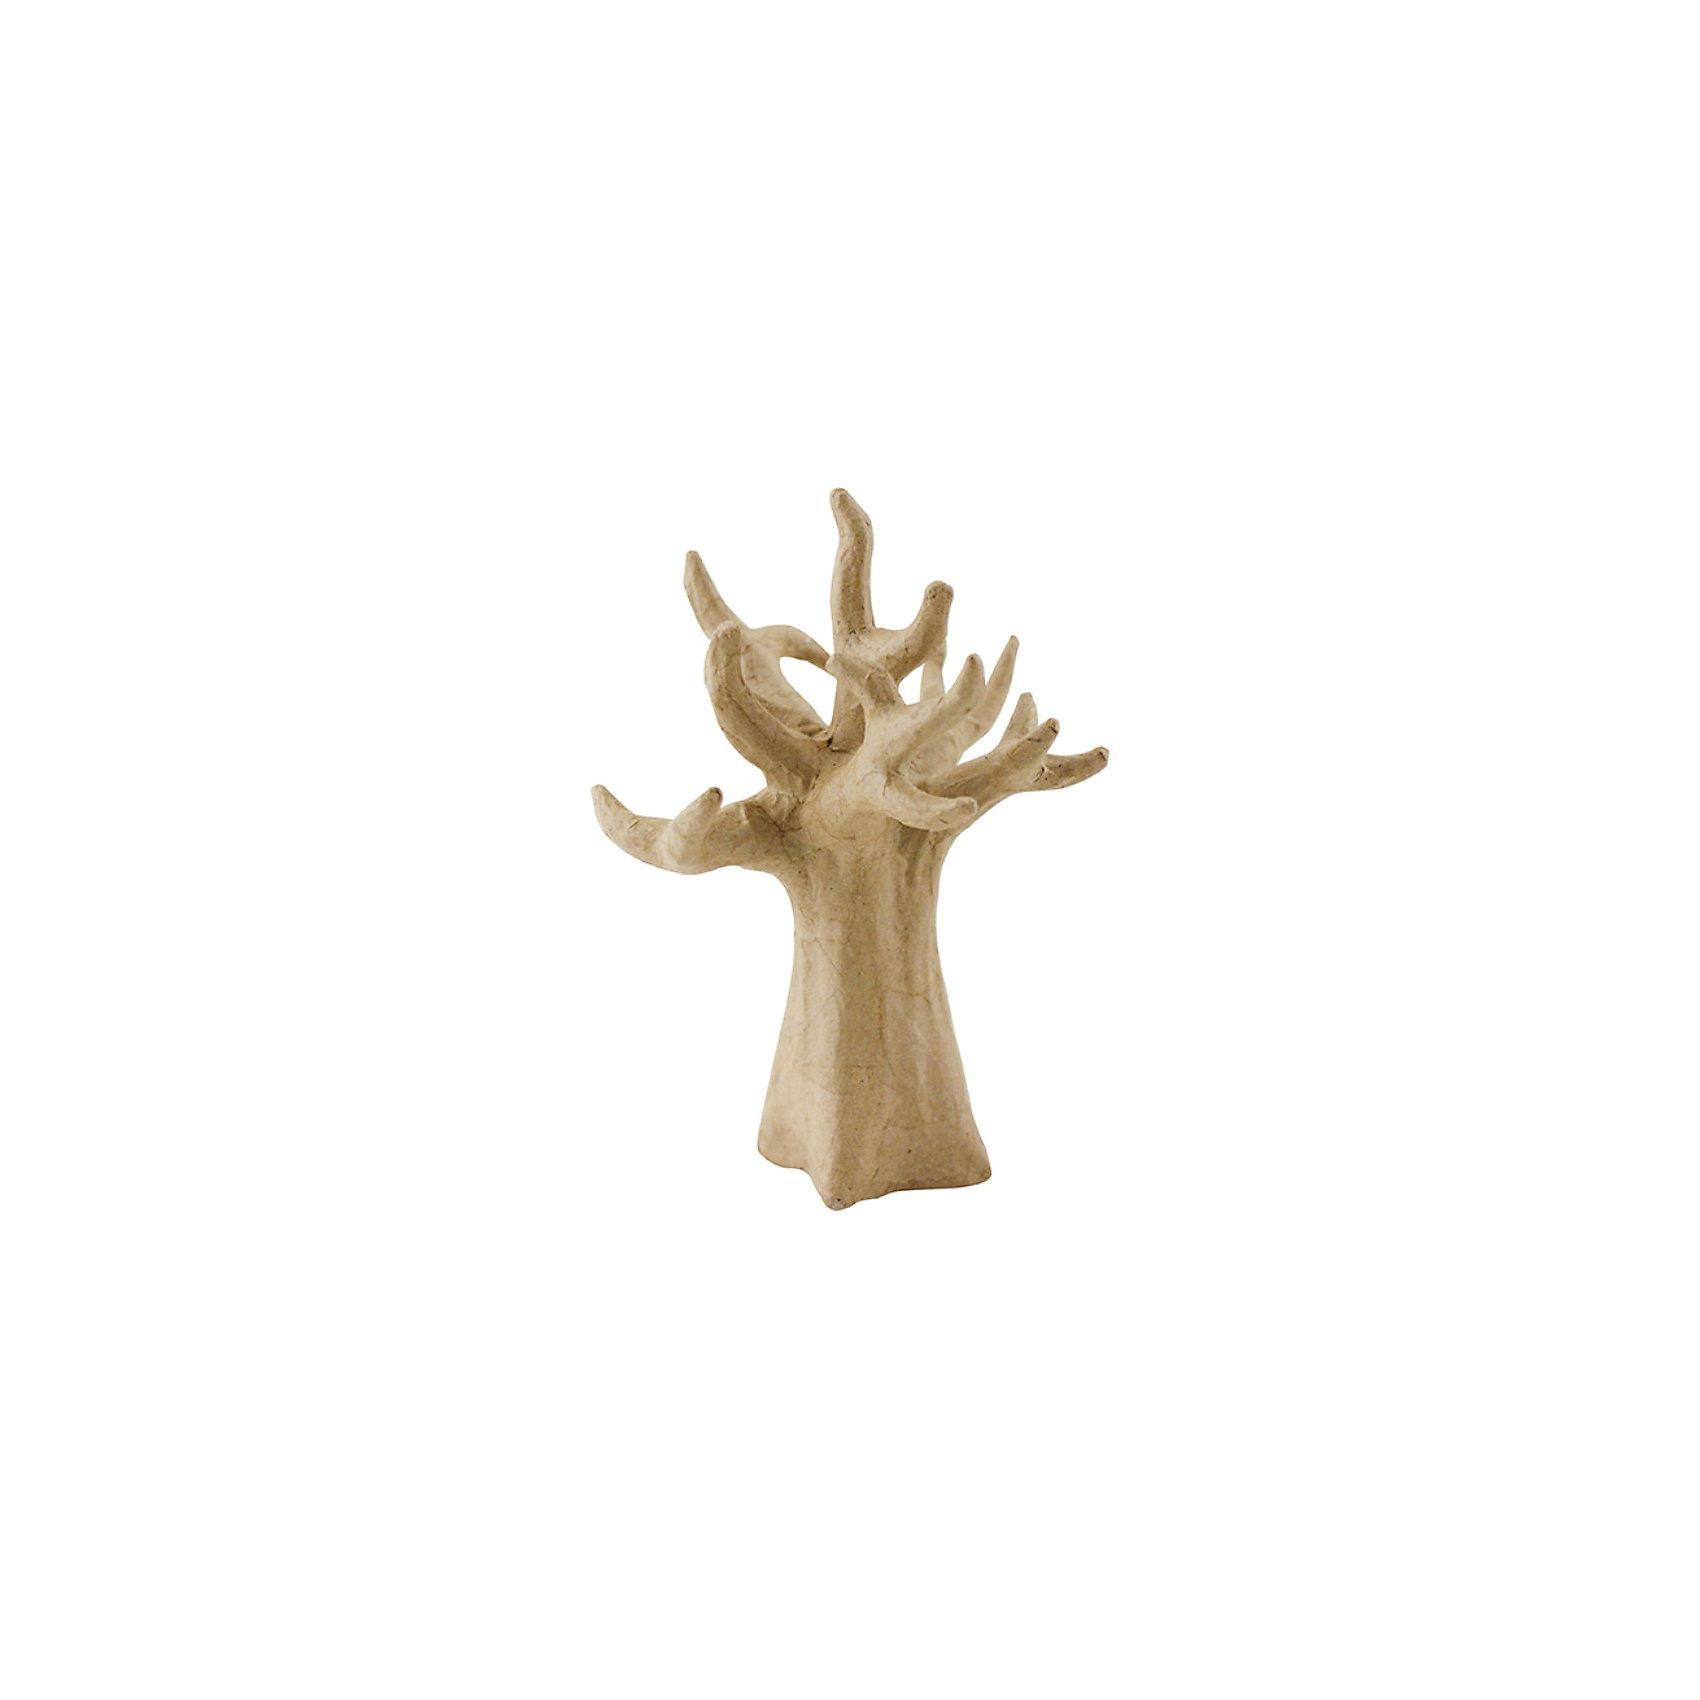 Дерево, папье-маше, DECOPATCHЗаготовка из папье-маше для декорирования: Дерево. Для декора этого замечательного дерева можно использовать акриловые краски, цветную бумагу, так же можно применить технику Декупаж. Декорированное дерево украсит самый изысканный интерьер и прекрасно подойдет для эксклюзивного подарка. Для получения более насыщенного и яркого цвета перед началом работы используйте грунт. Заготовки из папье-маше можно смело раскрасить акриловыми красками, обклеить бумагой (техника декопатч, декупаж), покрыть мозаикой, декорировать стразами, лентами, бусинами. Витое дерево с красивыми ветками открывает неограниченные возможности для проявления Ваших декораторских талантов!<br><br>Дополнительная информация:<br><br>- Деревоиз папье-маше;<br>- Идеальная основа для декорирования;<br>- Можно применять разные техники декорирования;<br>- Размер заготовки: 31 х 16,5 х 4,5 см;<br>- Вес: 150 г<br><br>Дерево /папье-маше/ 31х16,5х4,5 см, можно купить в нашем интернет-магазине.<br><br>Ширина мм: 55<br>Глубина мм: 140<br>Высота мм: 205<br>Вес г: 150<br>Возраст от месяцев: 36<br>Возраст до месяцев: 216<br>Пол: Унисекс<br>Возраст: Детский<br>SKU: 3624879